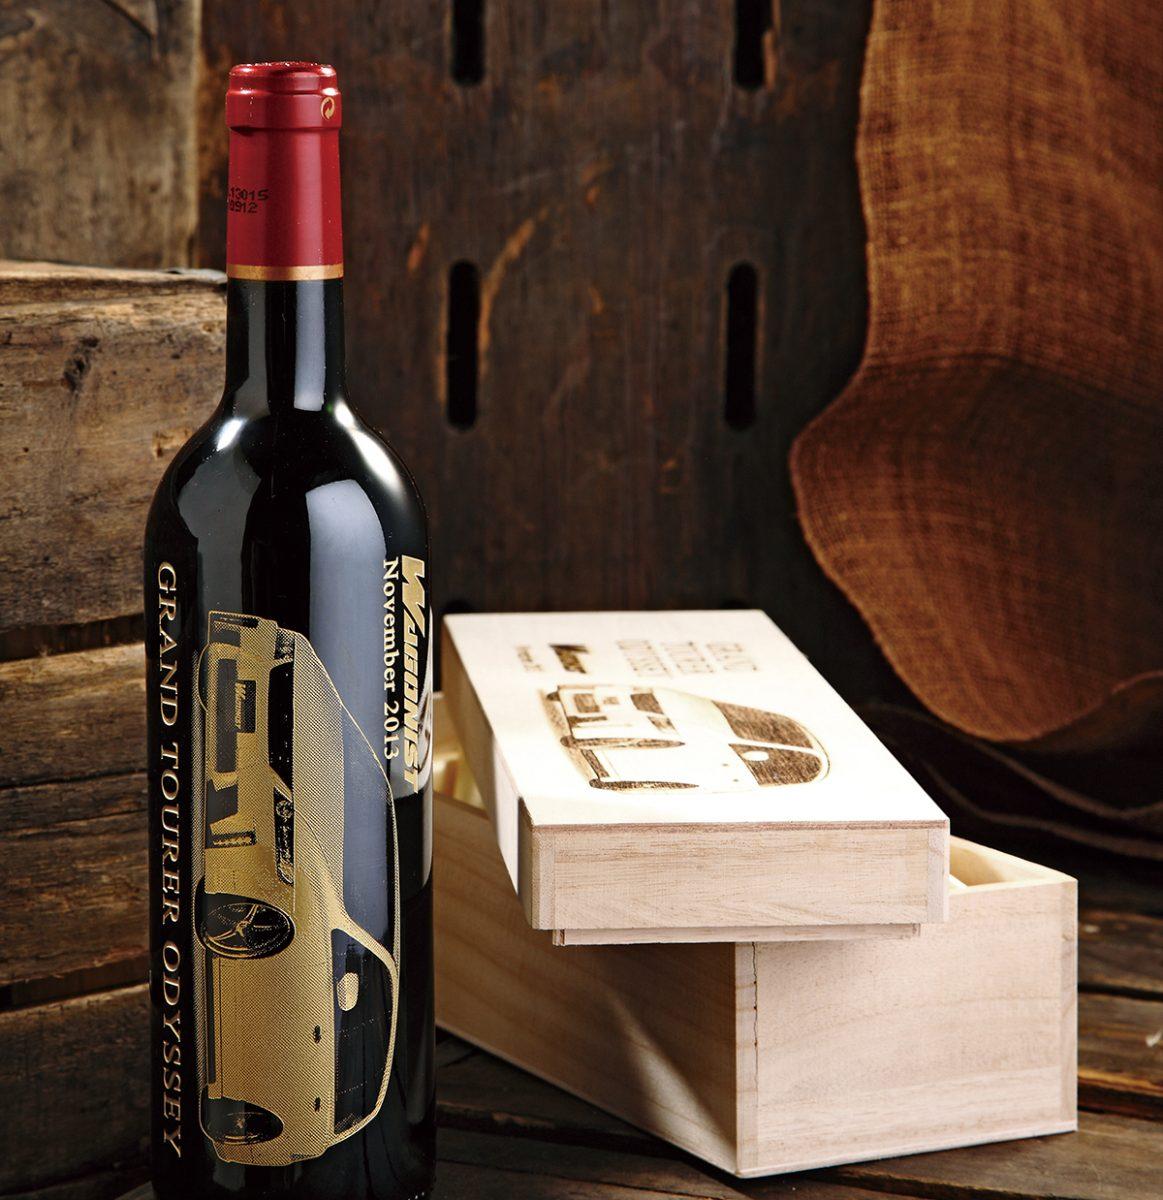 予算1万円でクルマ好きへ贈る格好のプレゼント【愛車ワイン】